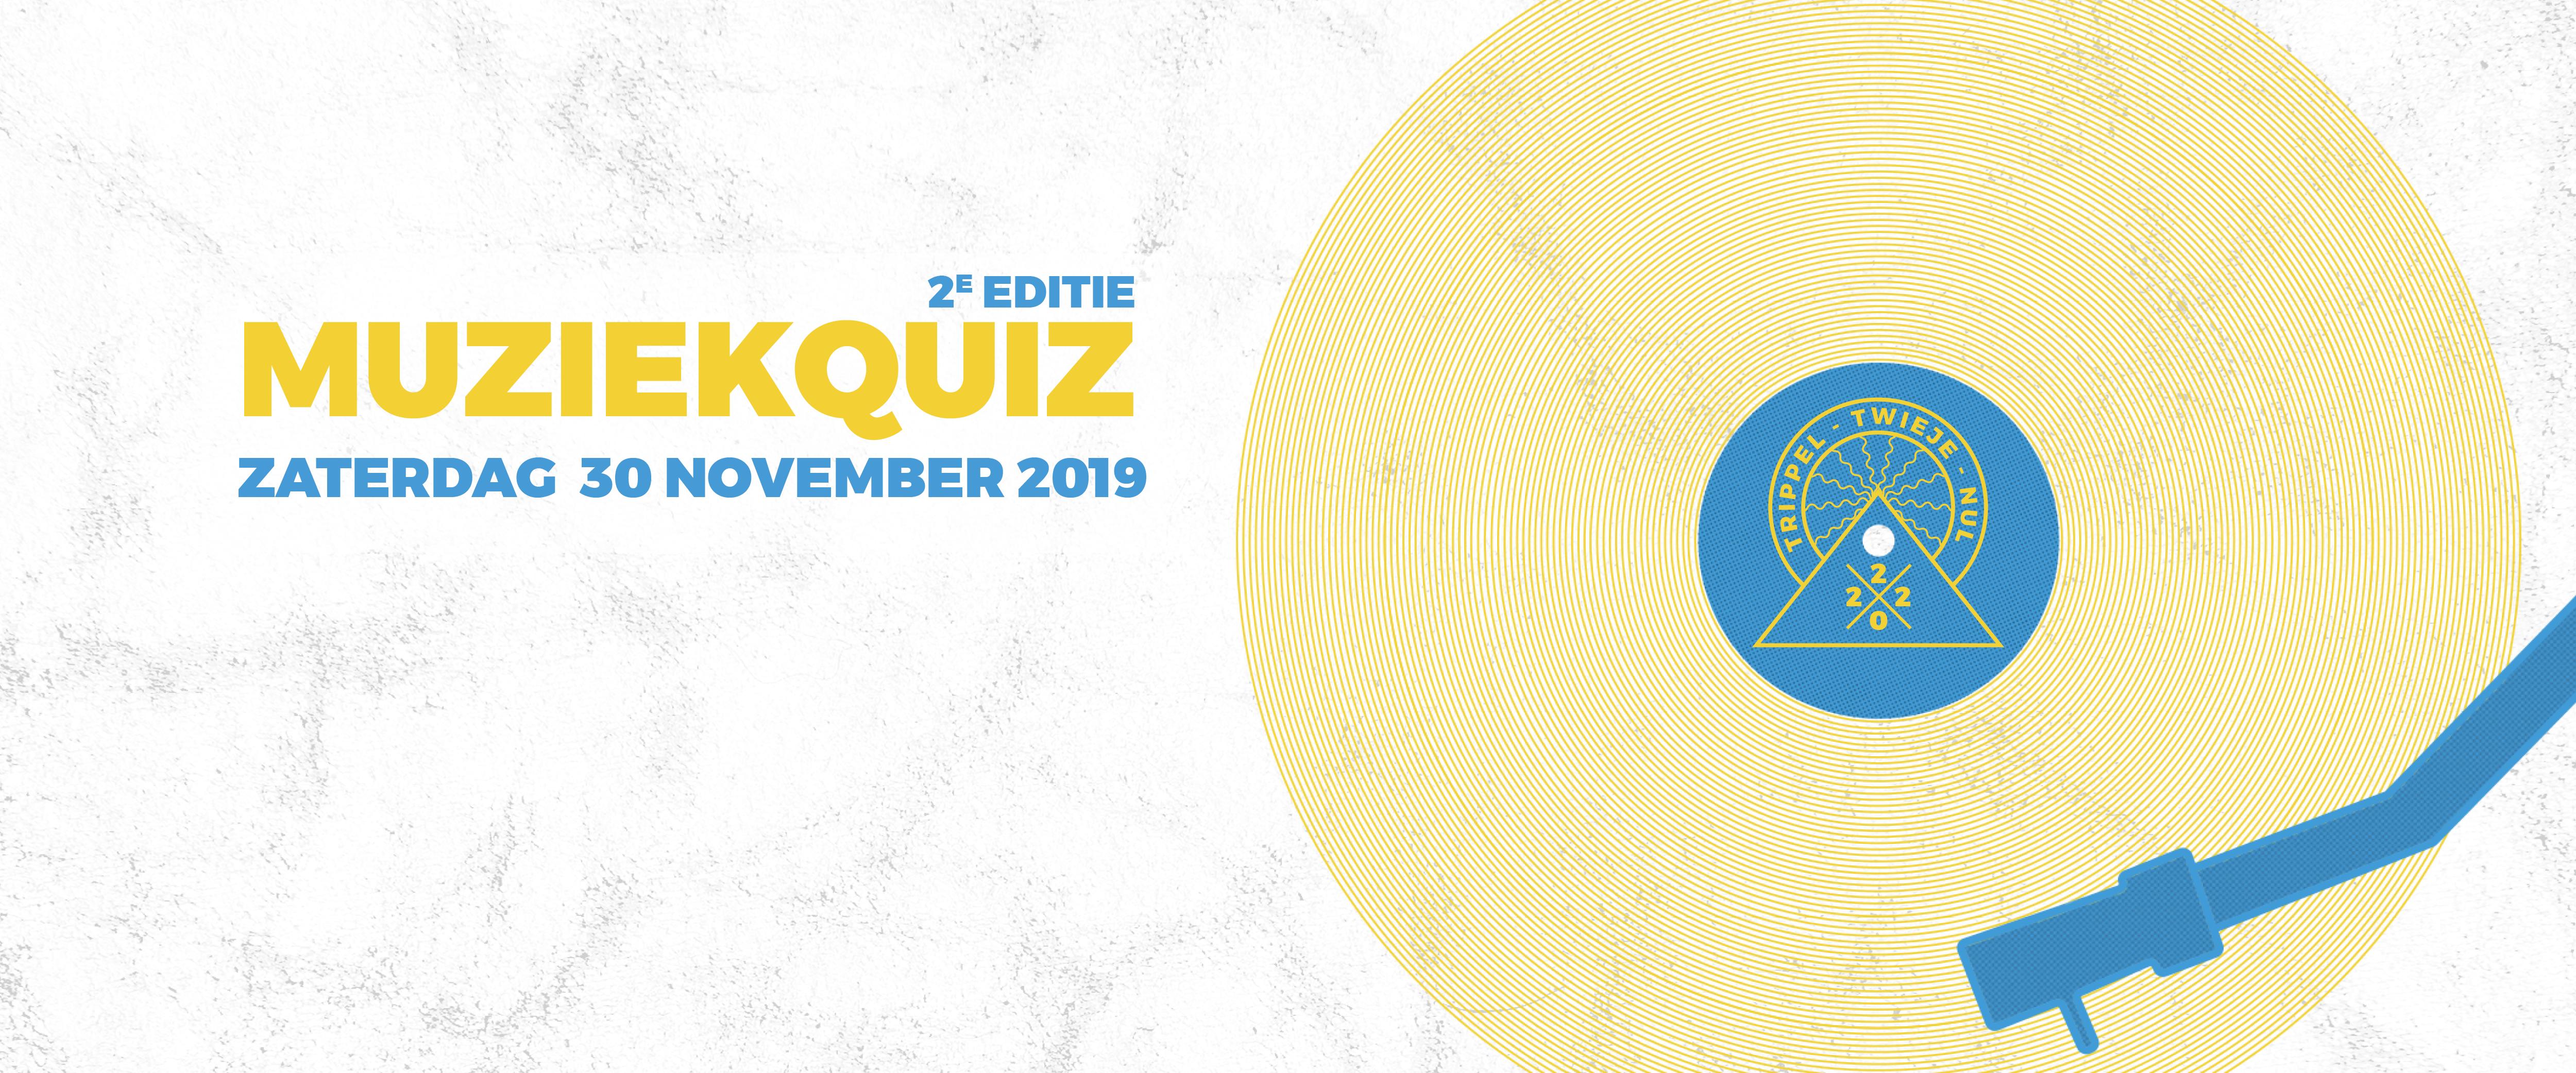 30 November 2019 Muziekquiz